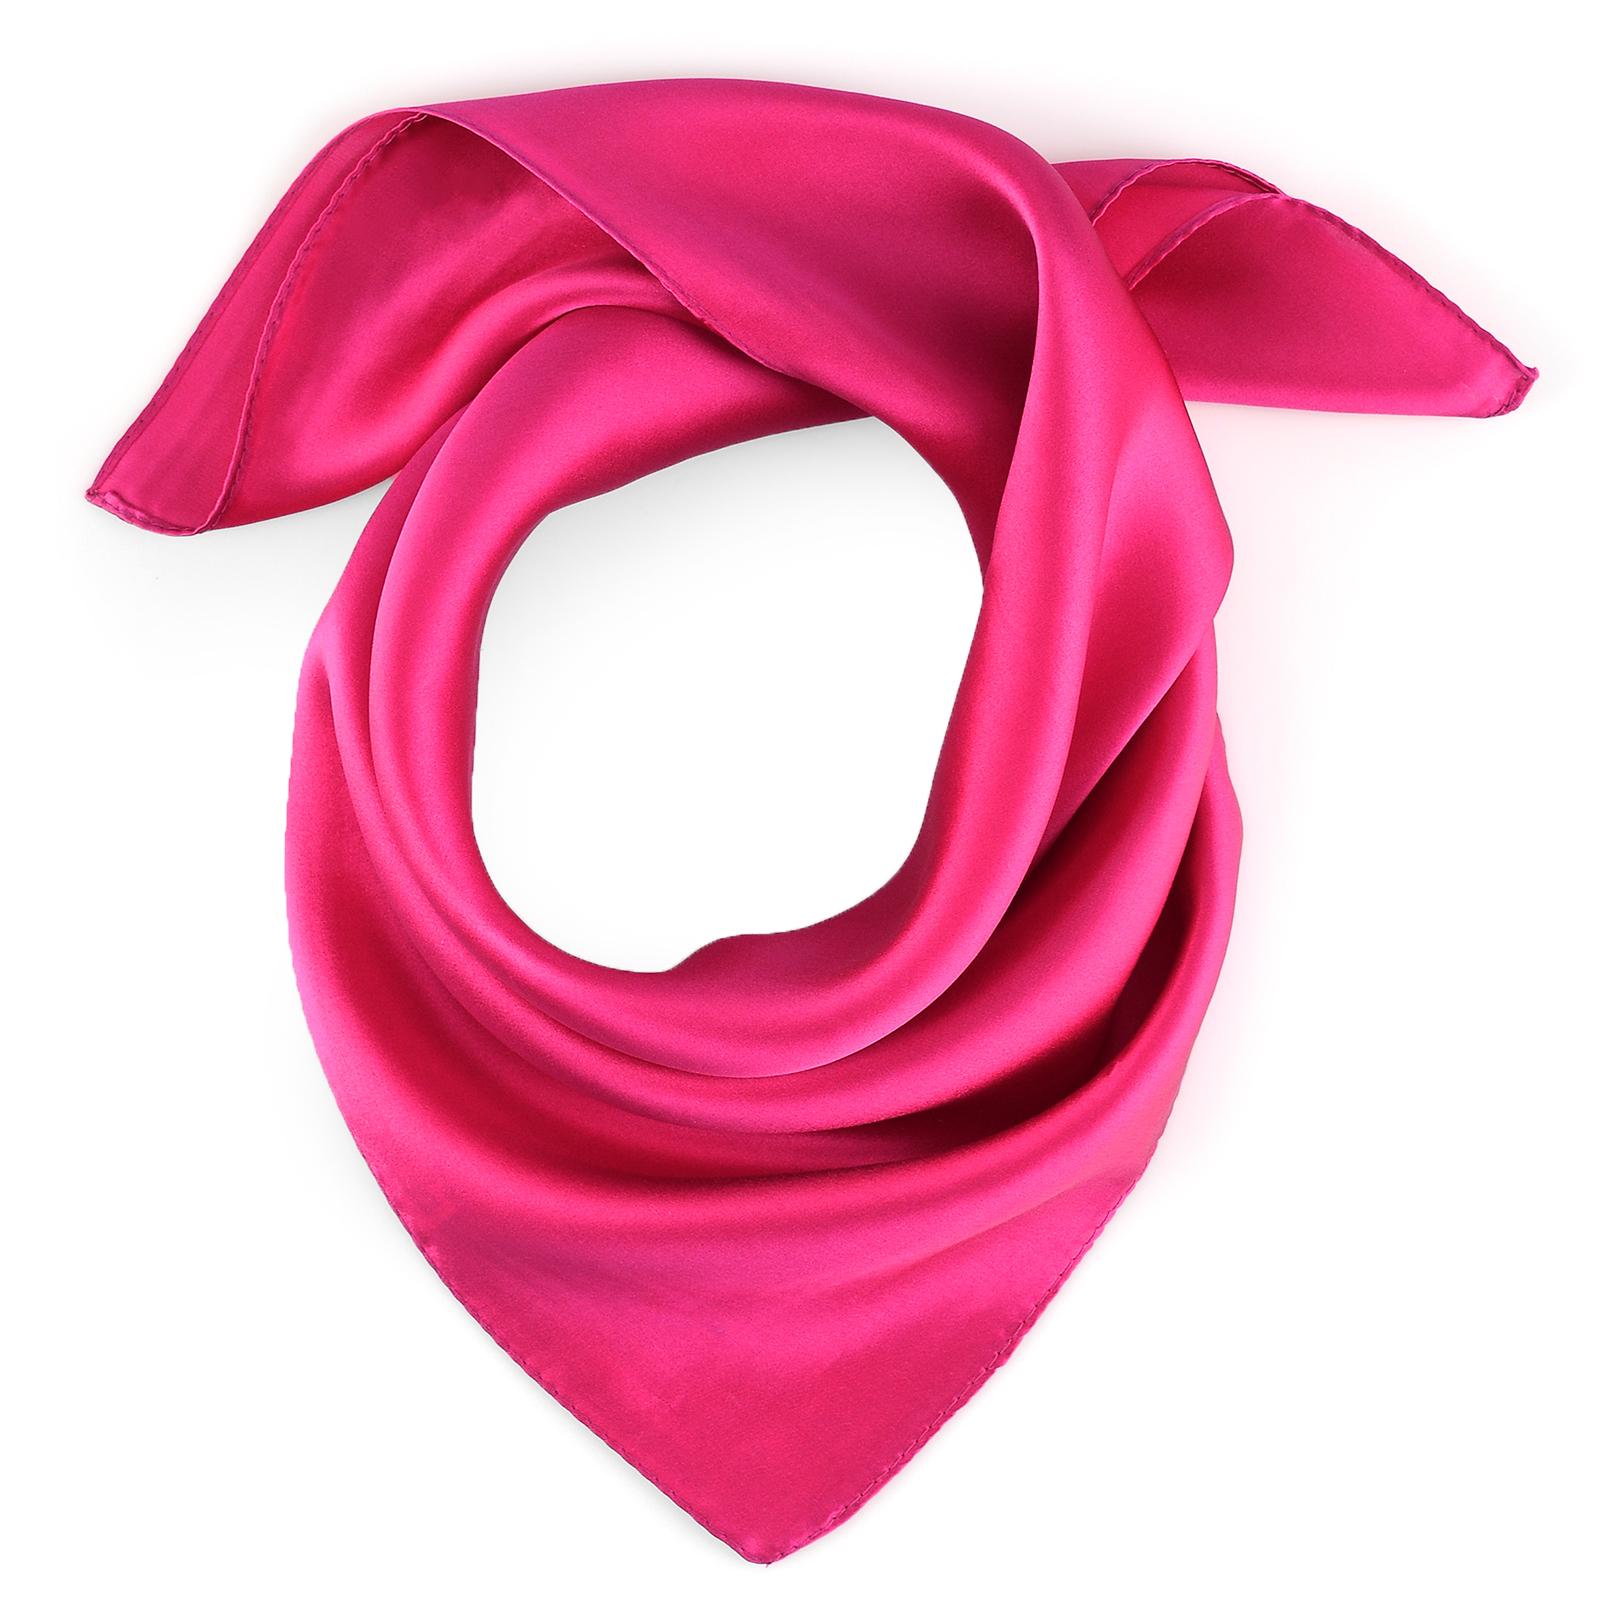 AT-01617-F16-carre-de-soie-piccolo-rose-fuchsia-uni